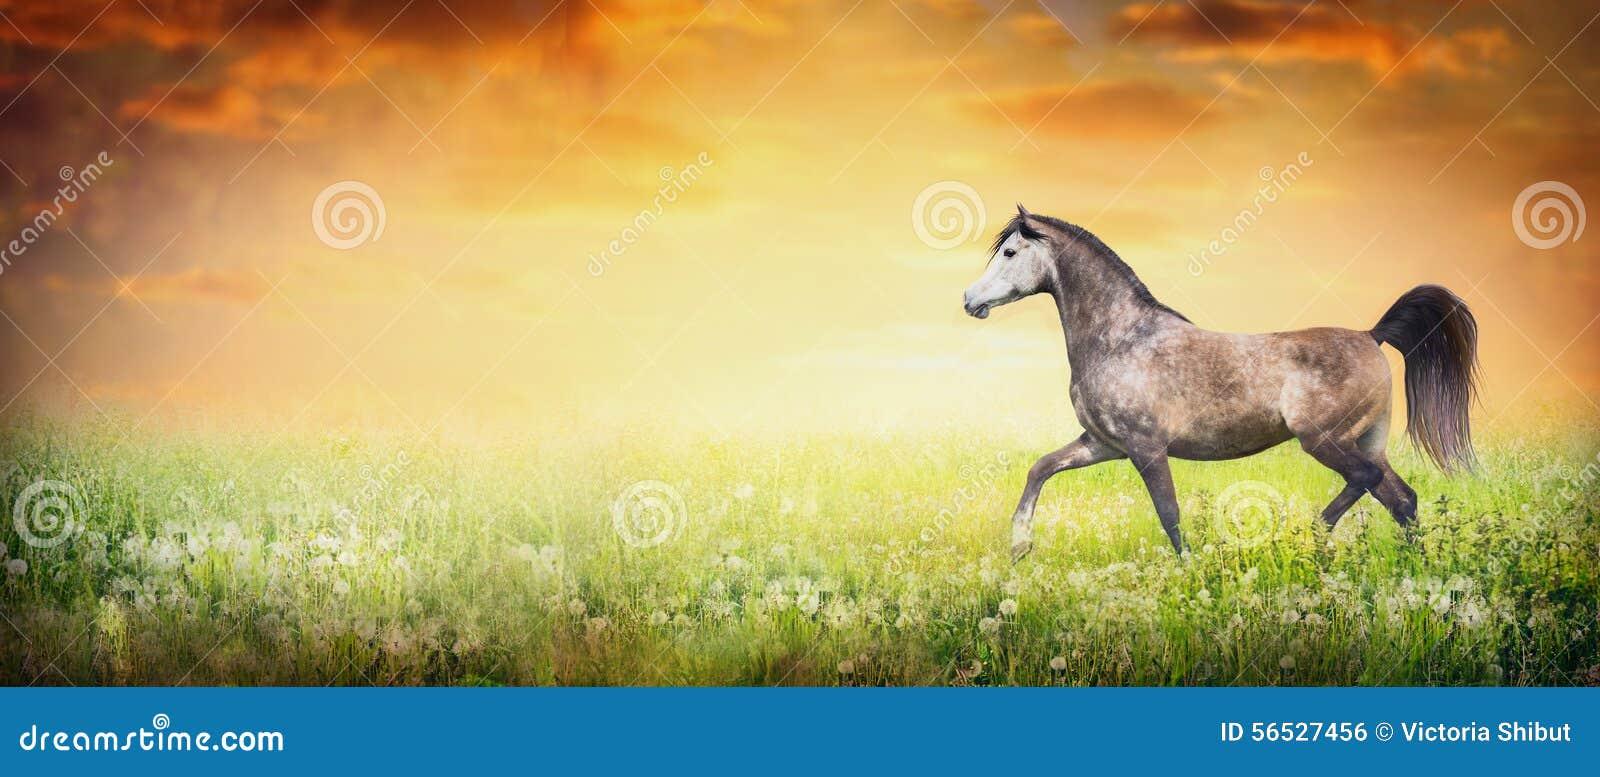 Bello trotto arabo di funzionamento del cavallo sul fondo della natura di autunno o di estate con il cielo di tramonto, insegna